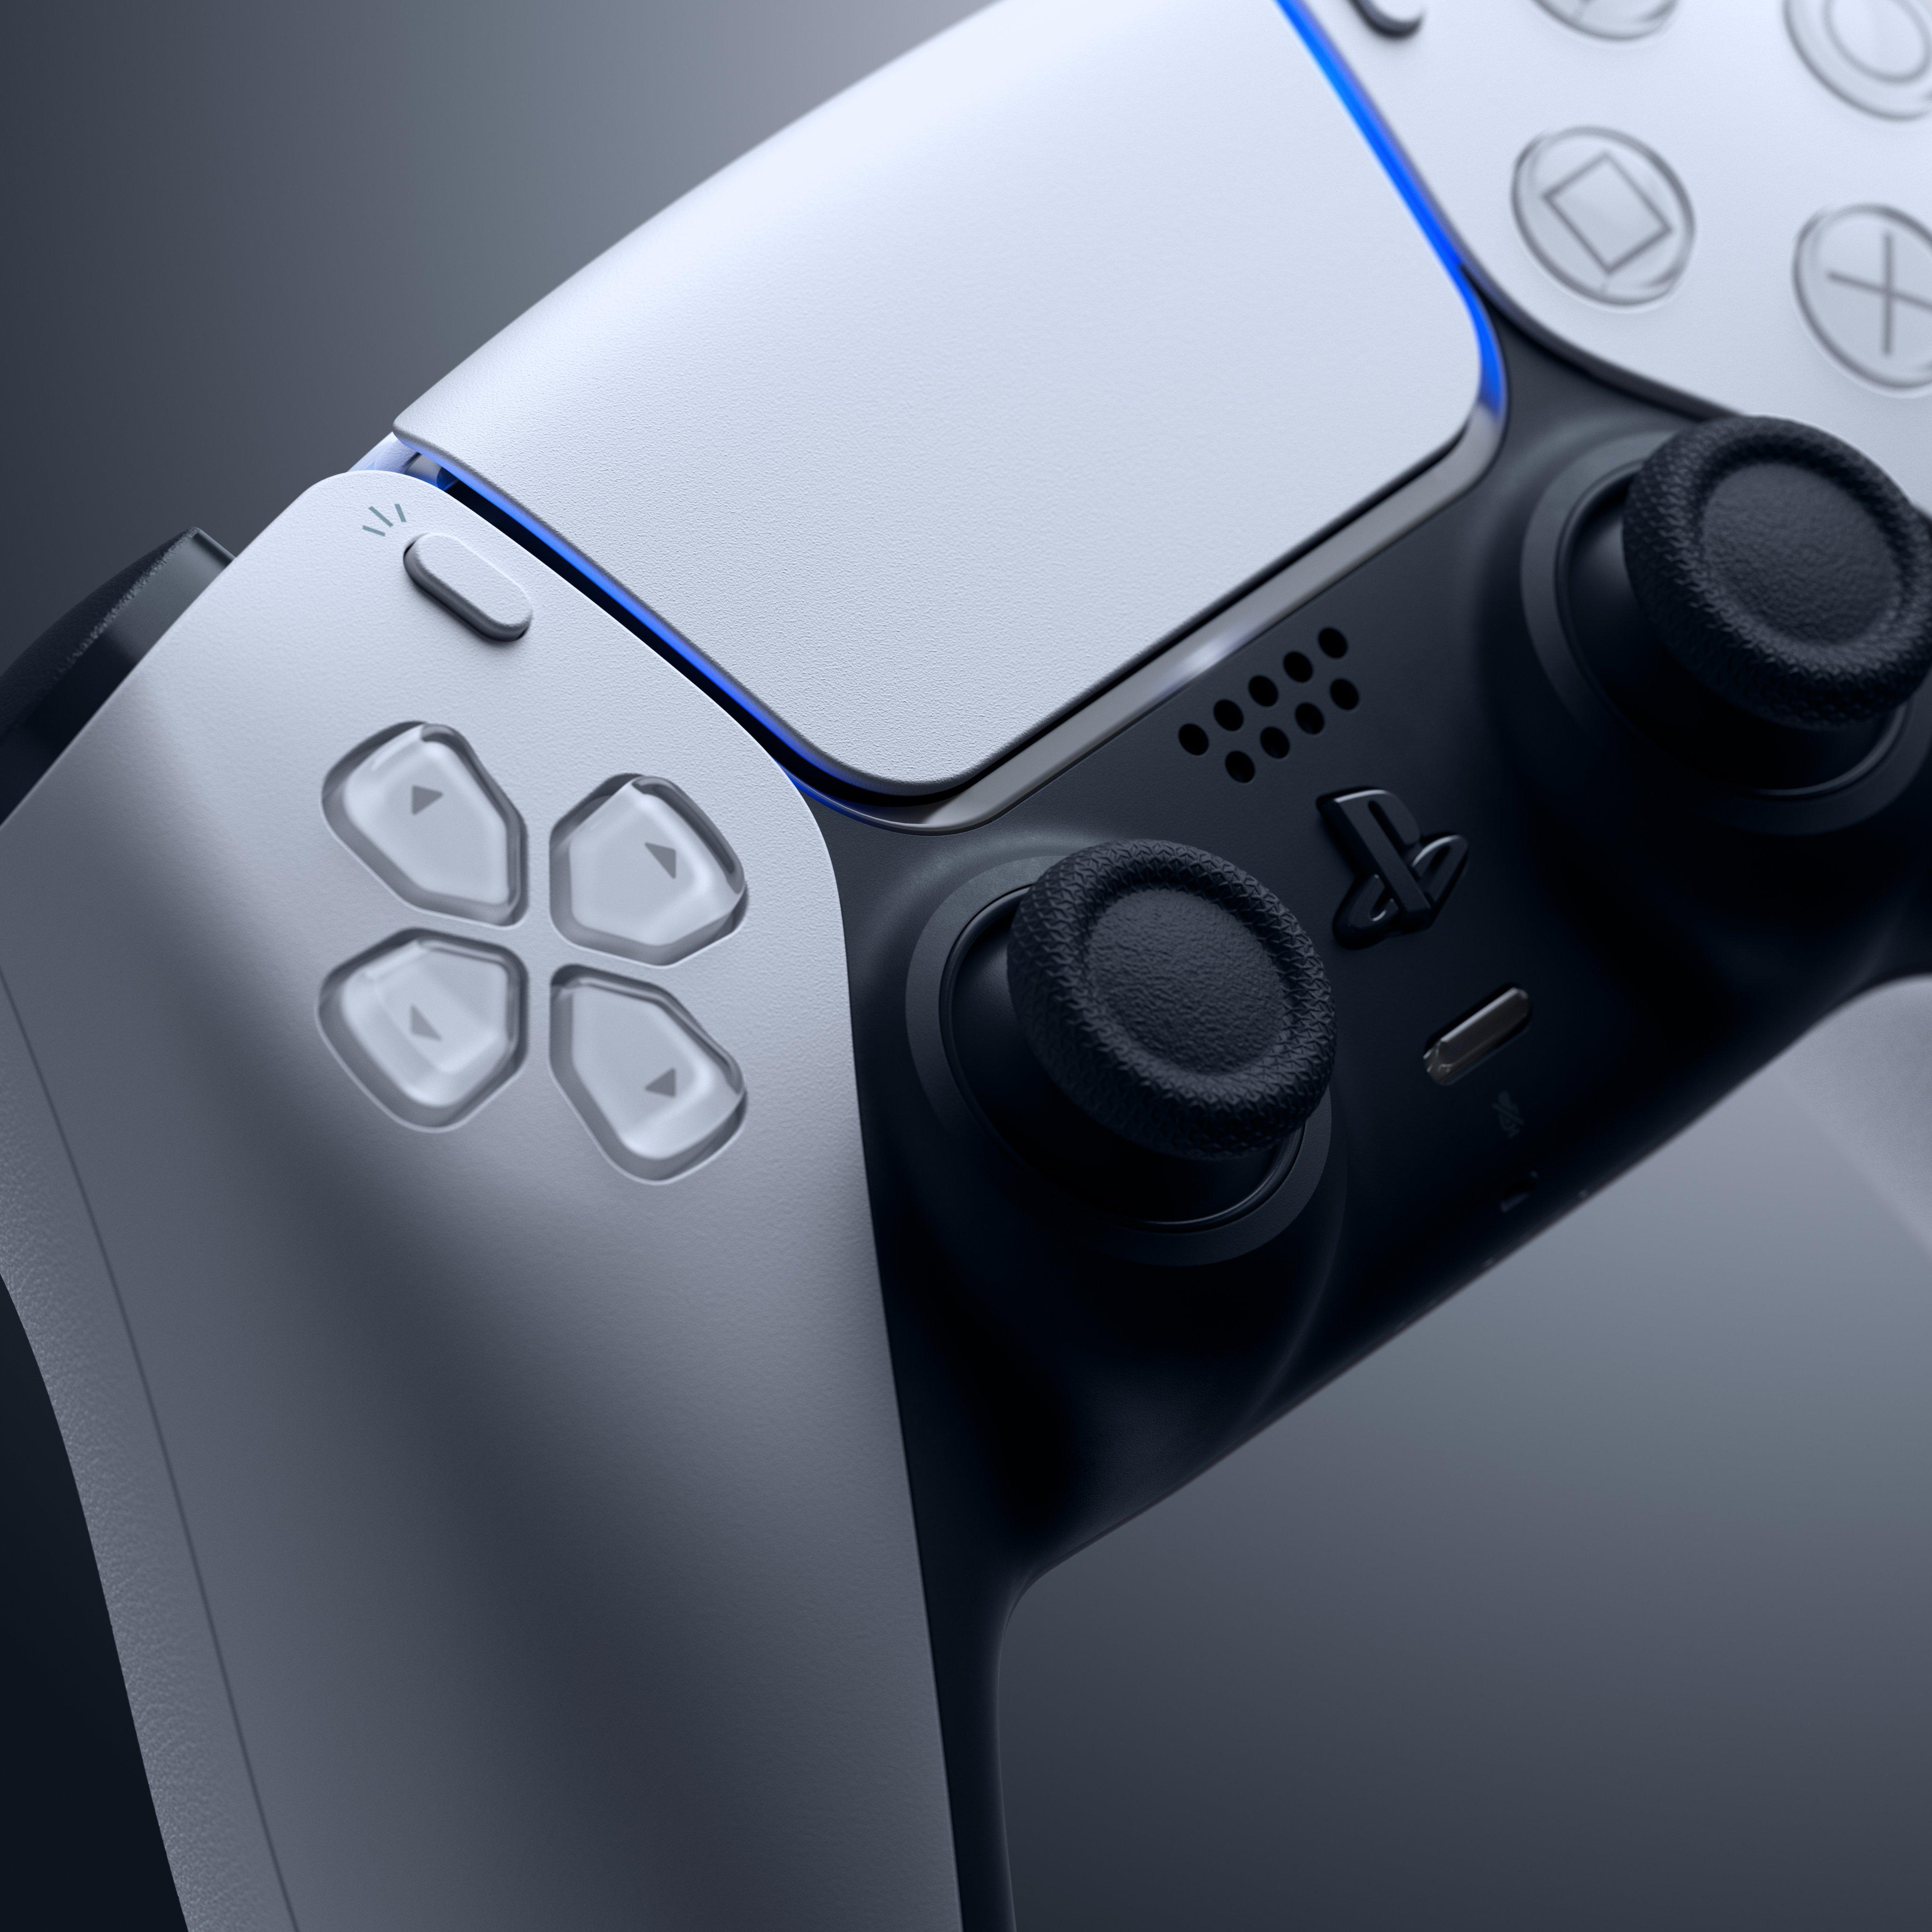 Новые миры ждут: 7 карточек о PlayStation 5